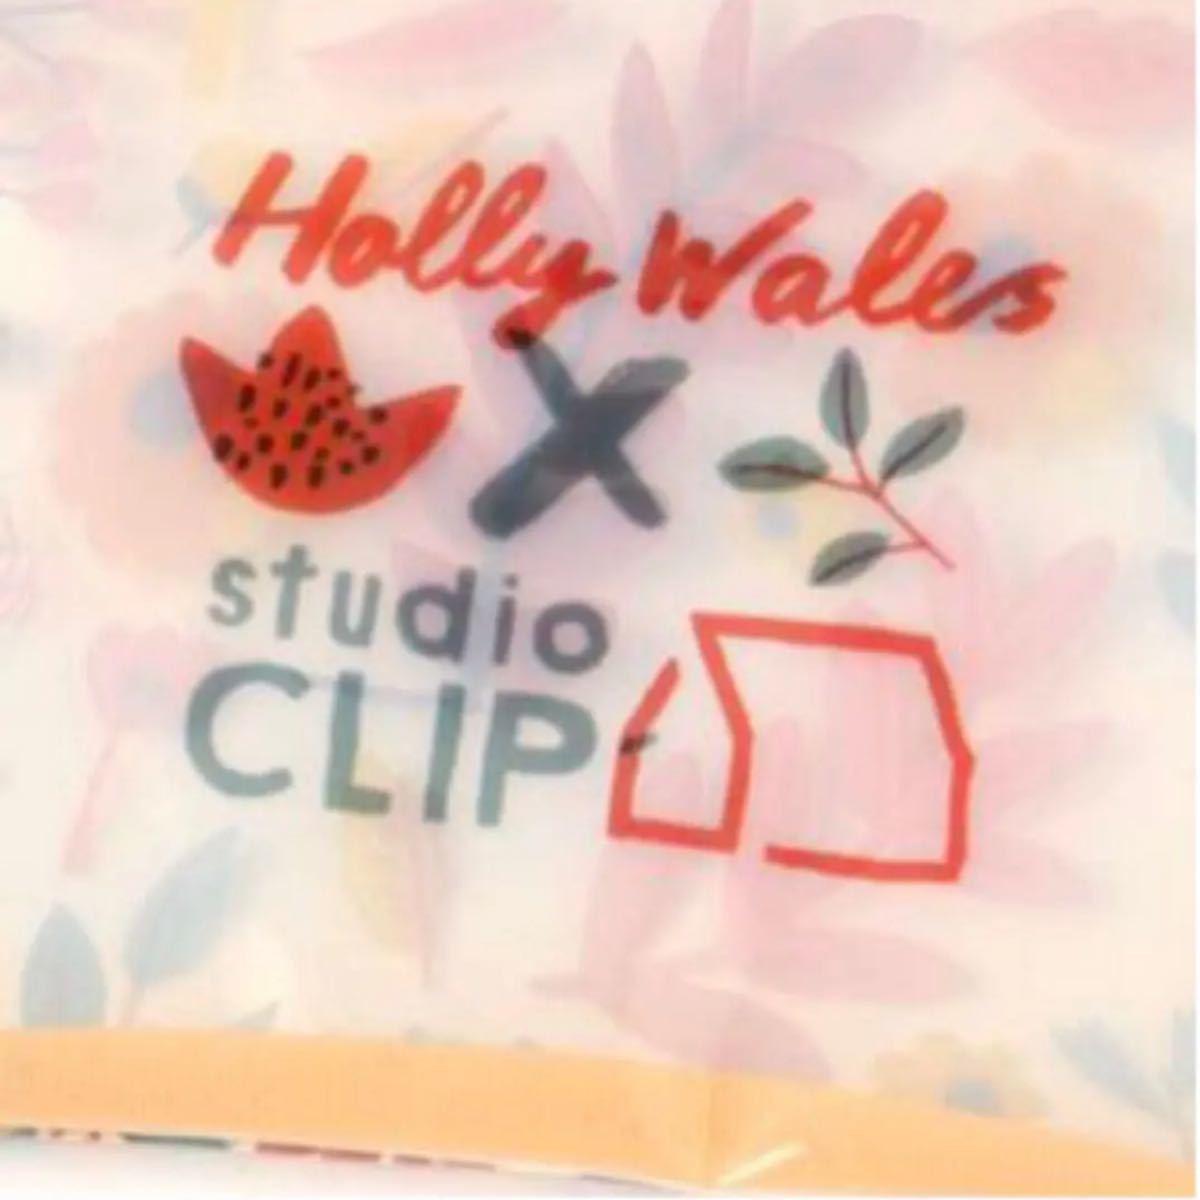 ☆新品☆ スタジオクリップ ビニール フラットポーチ  SHolly Wales